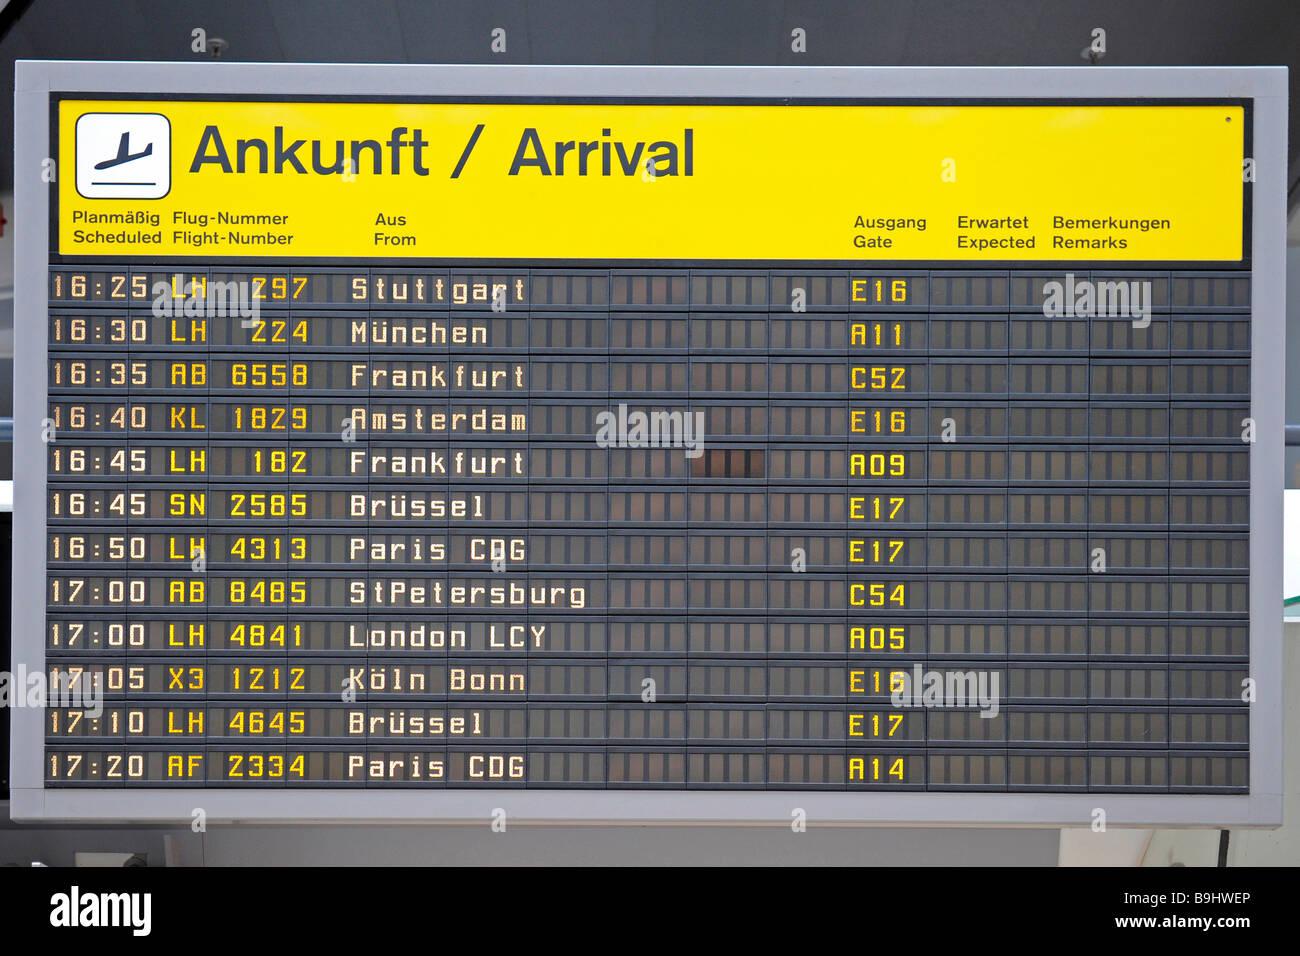 Anzeige der Ankünfte am Flughafen Berlin-Tegel, Berlin, Deutschland Stockbild